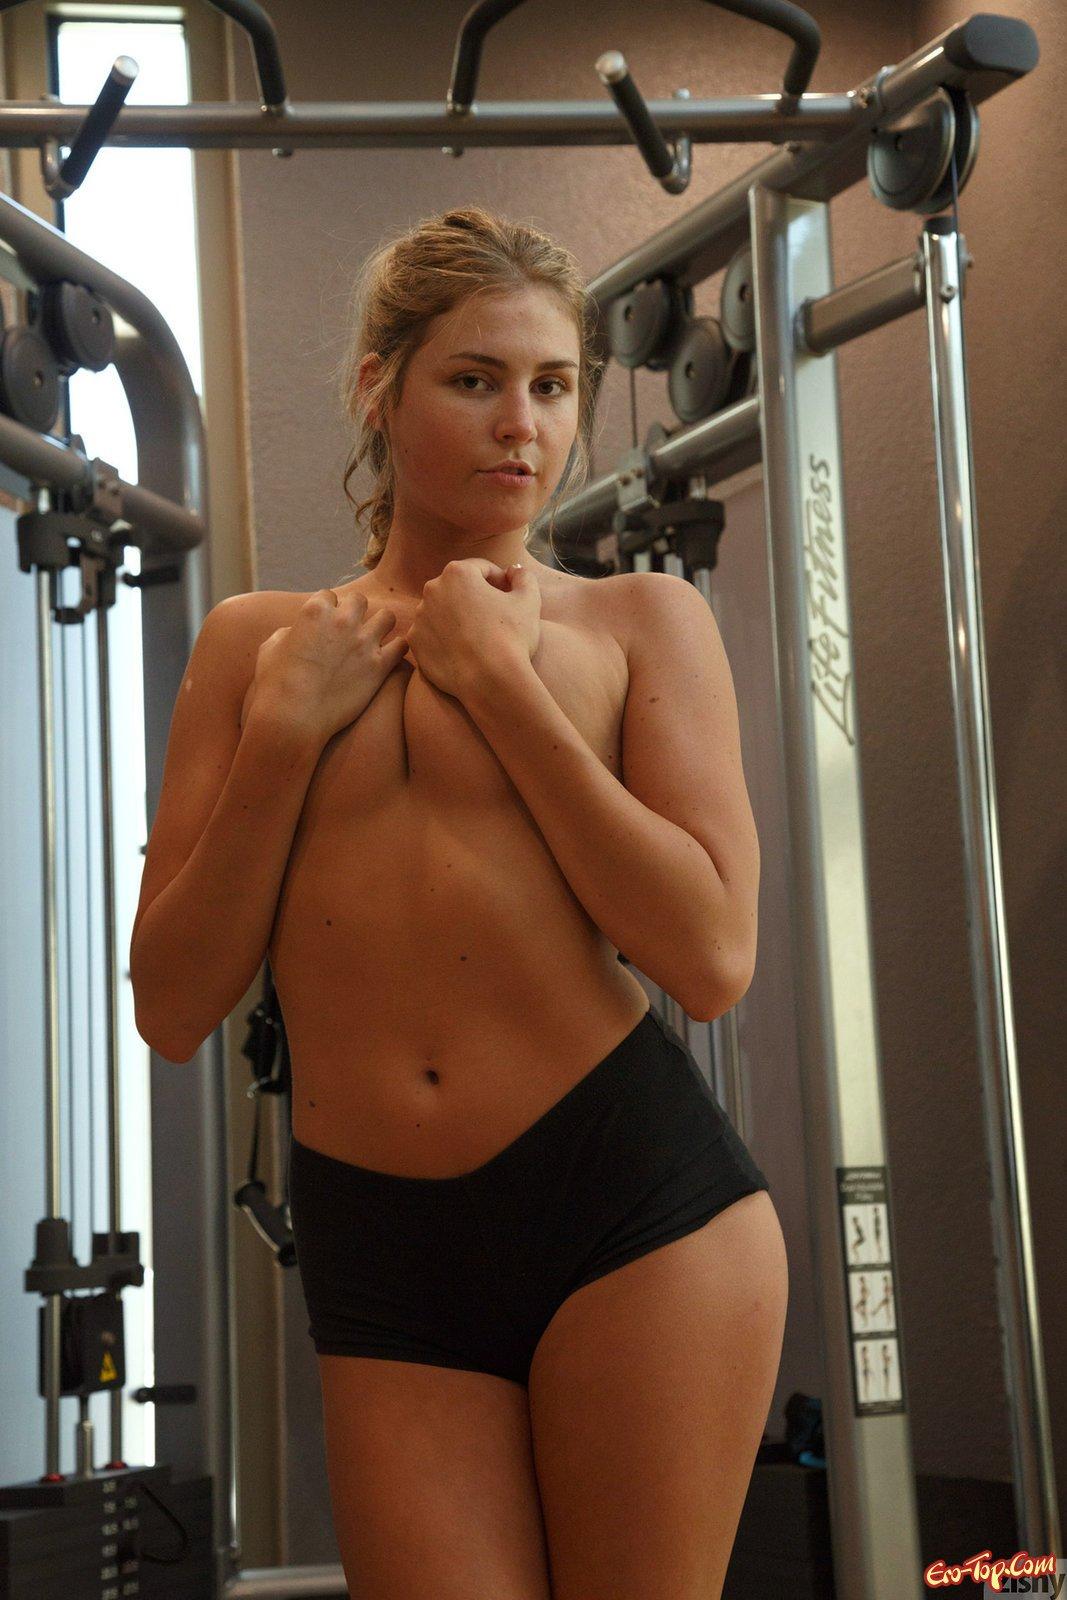 Спортивная шлюшка показывает грудь и пизду в спорт зале